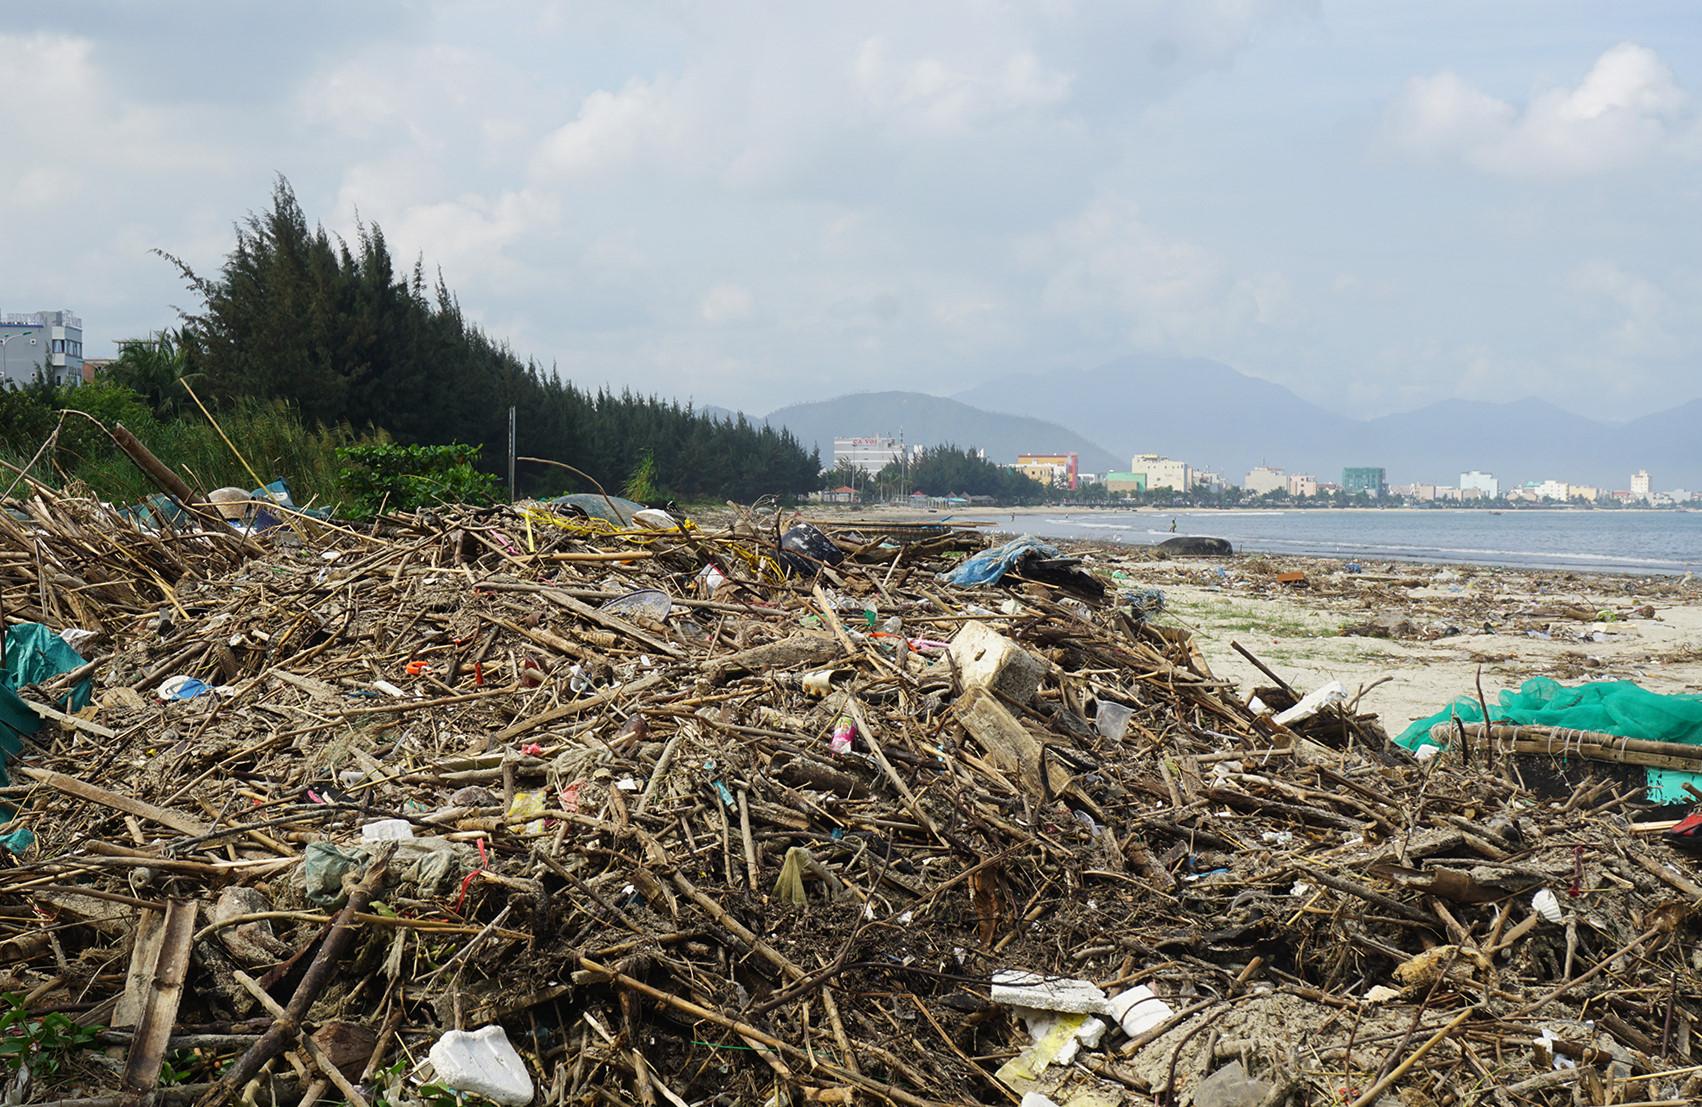 Gần 5 km bờ biển Đà Nẵng ngập trong rác